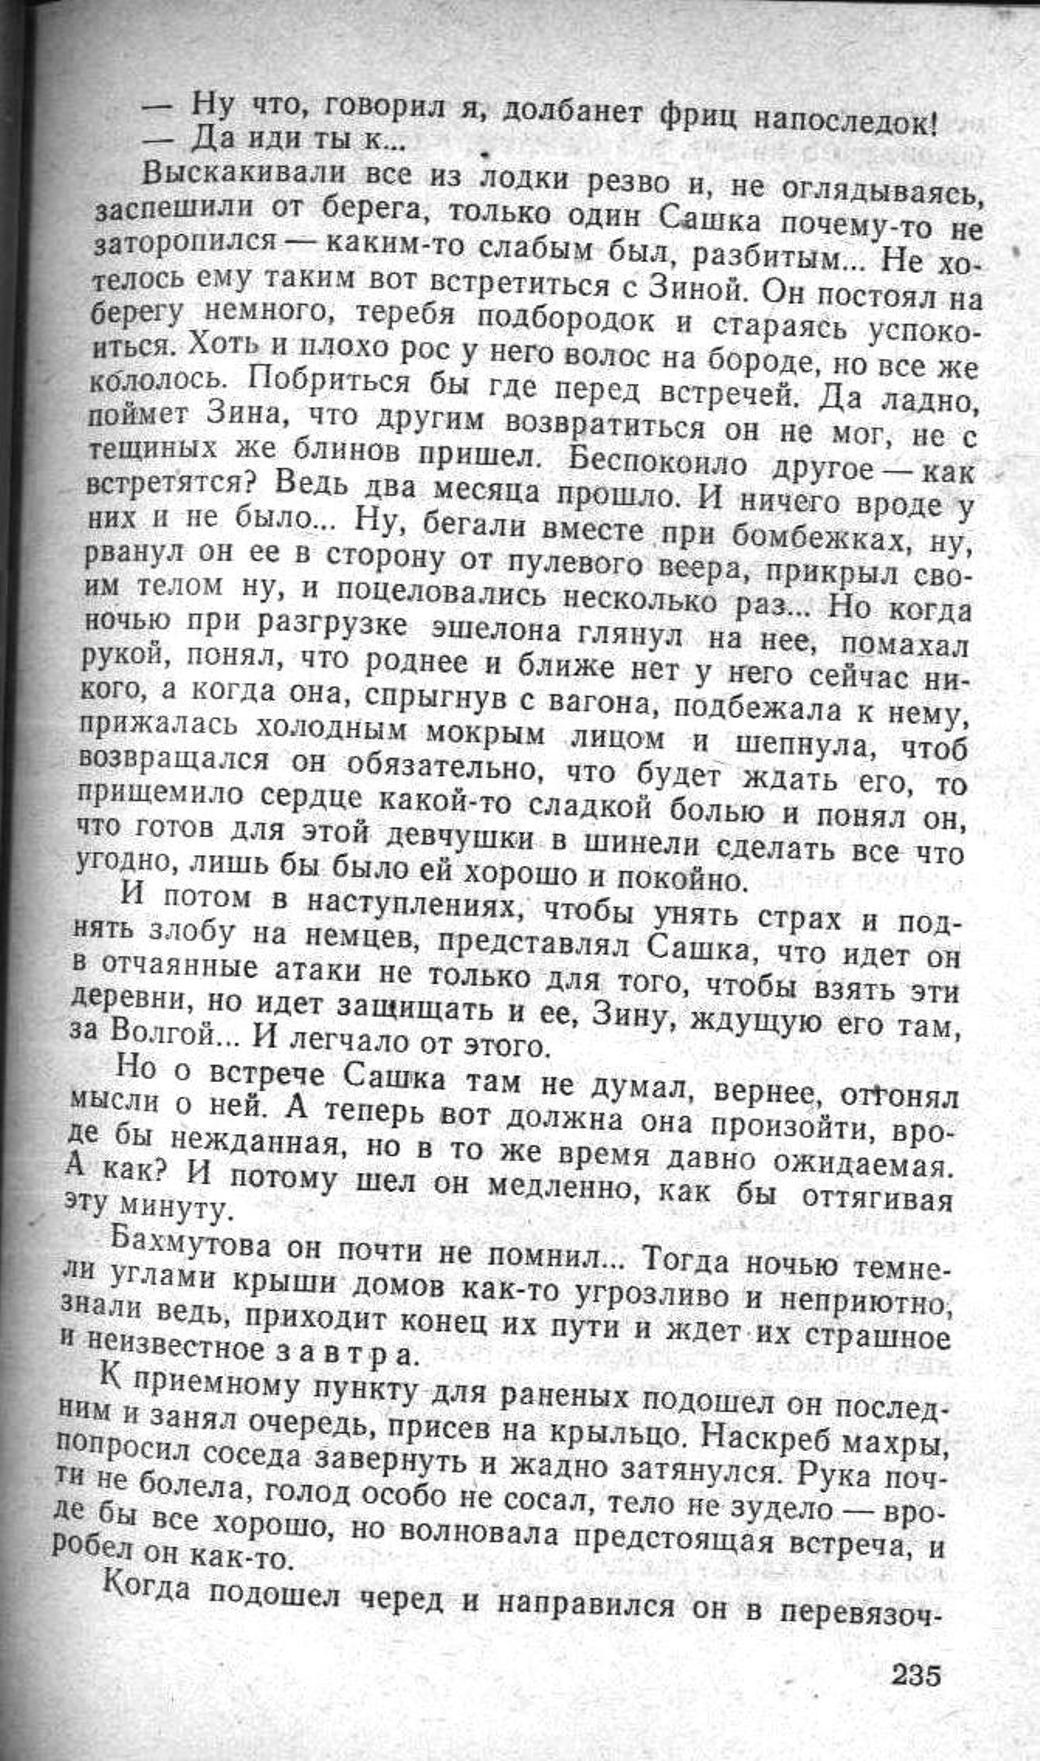 Сашка. Повесть. Вячеслав Кондратьев. 008. 004